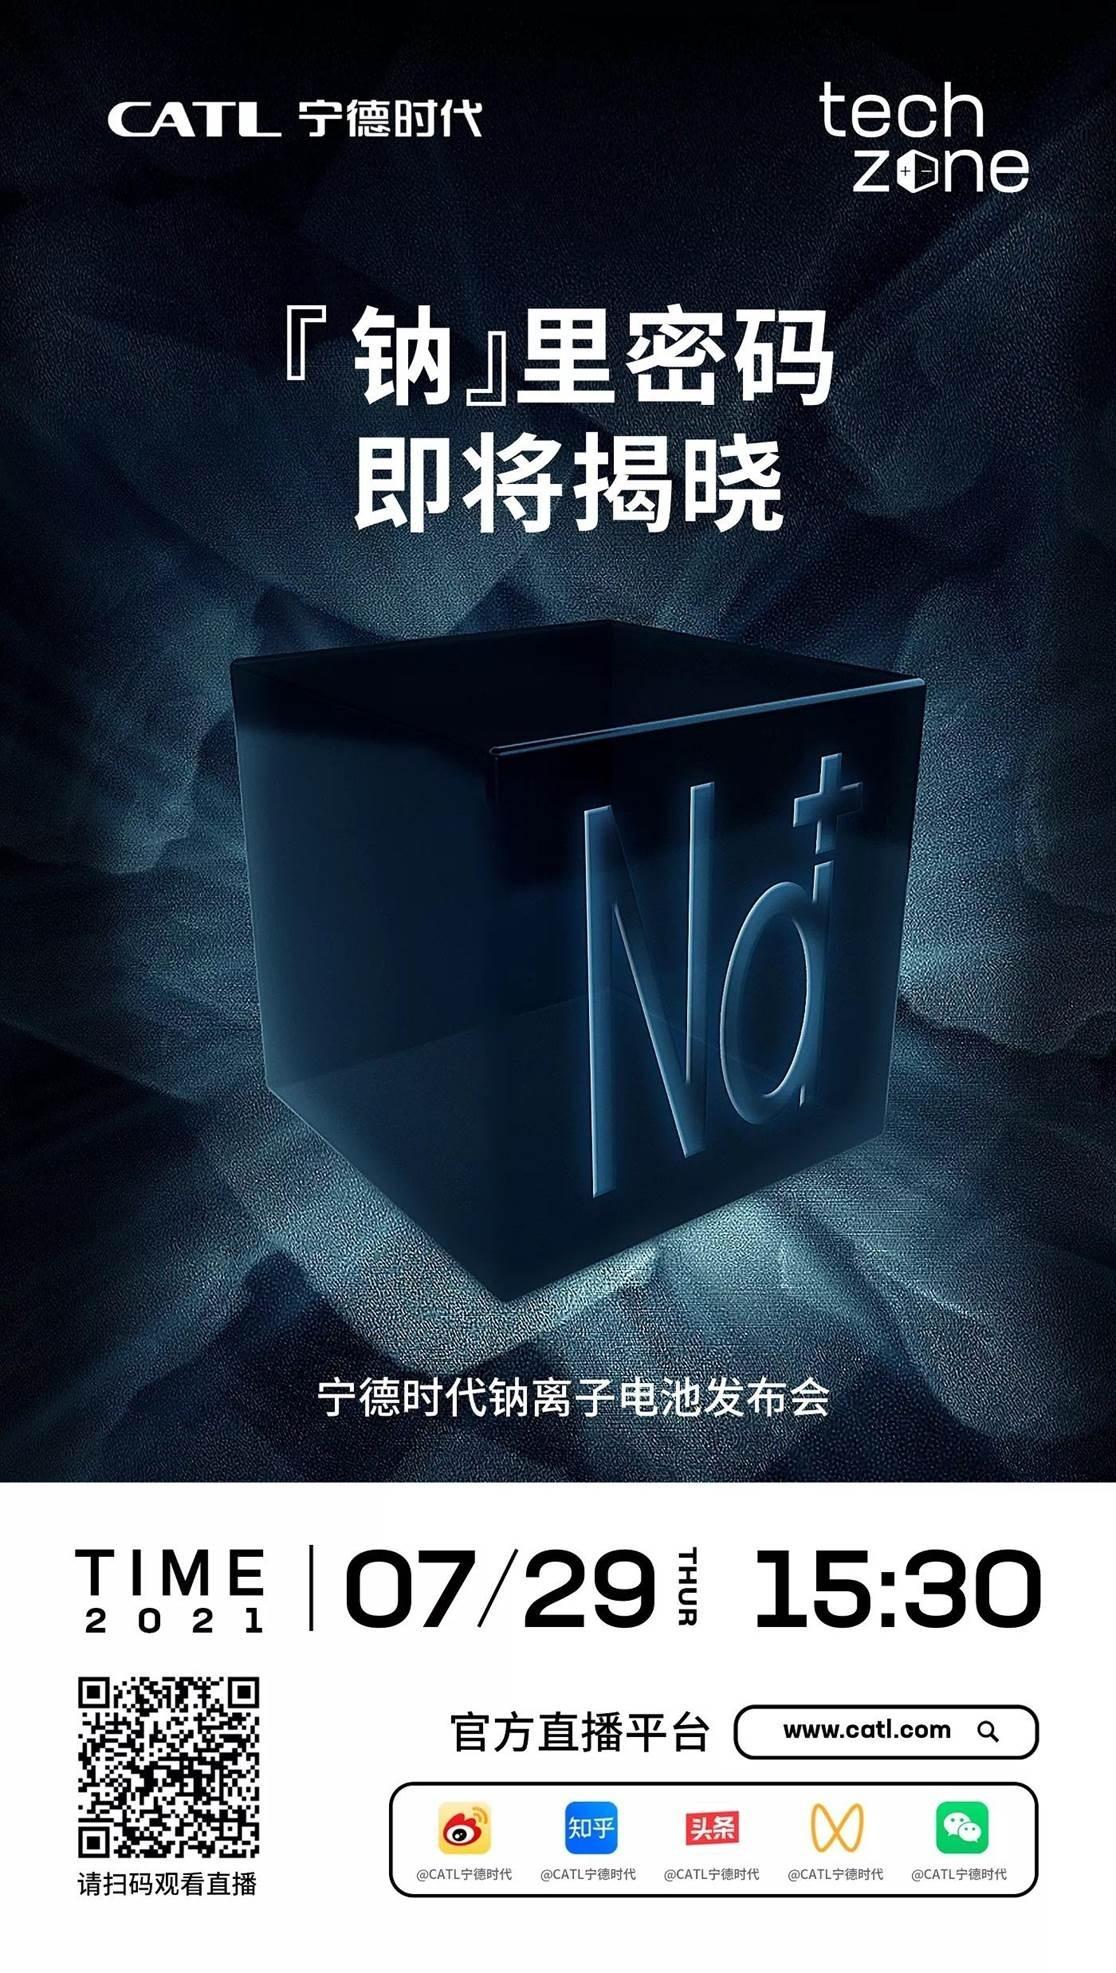 7月29日 宁德时代将正式发布钠离子电池